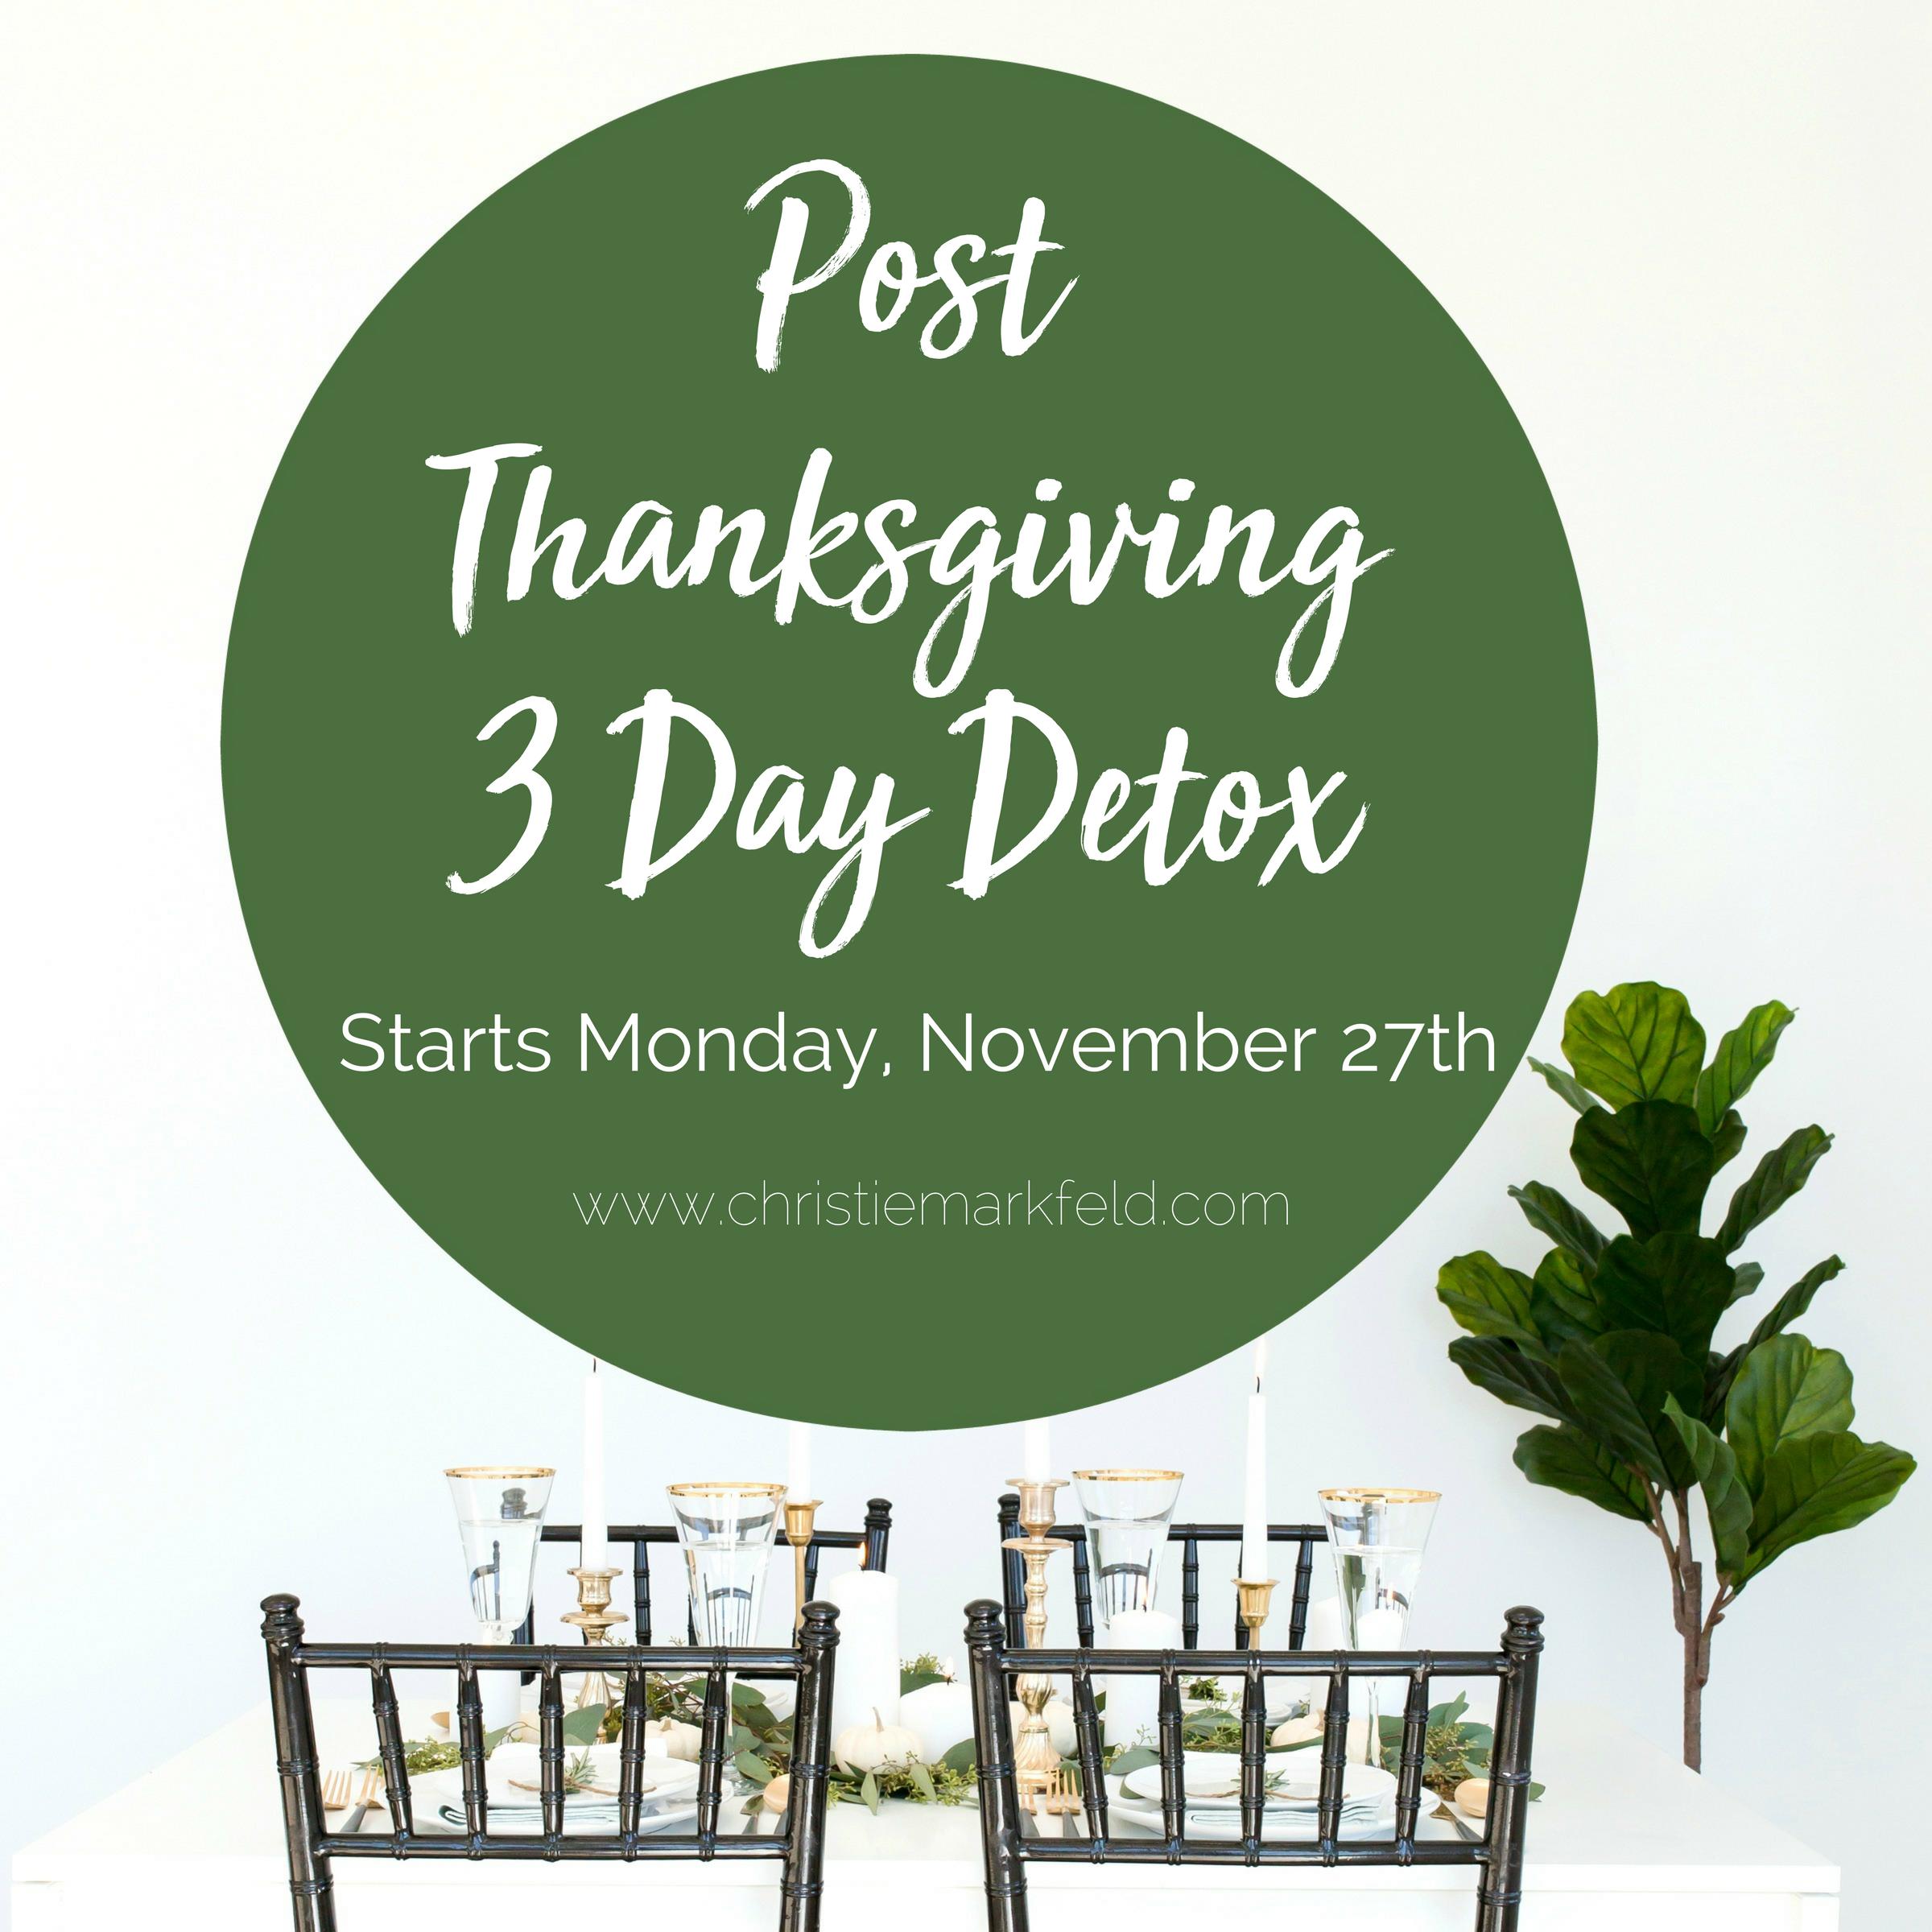 PostThanksgiving3 Day Detox2.png